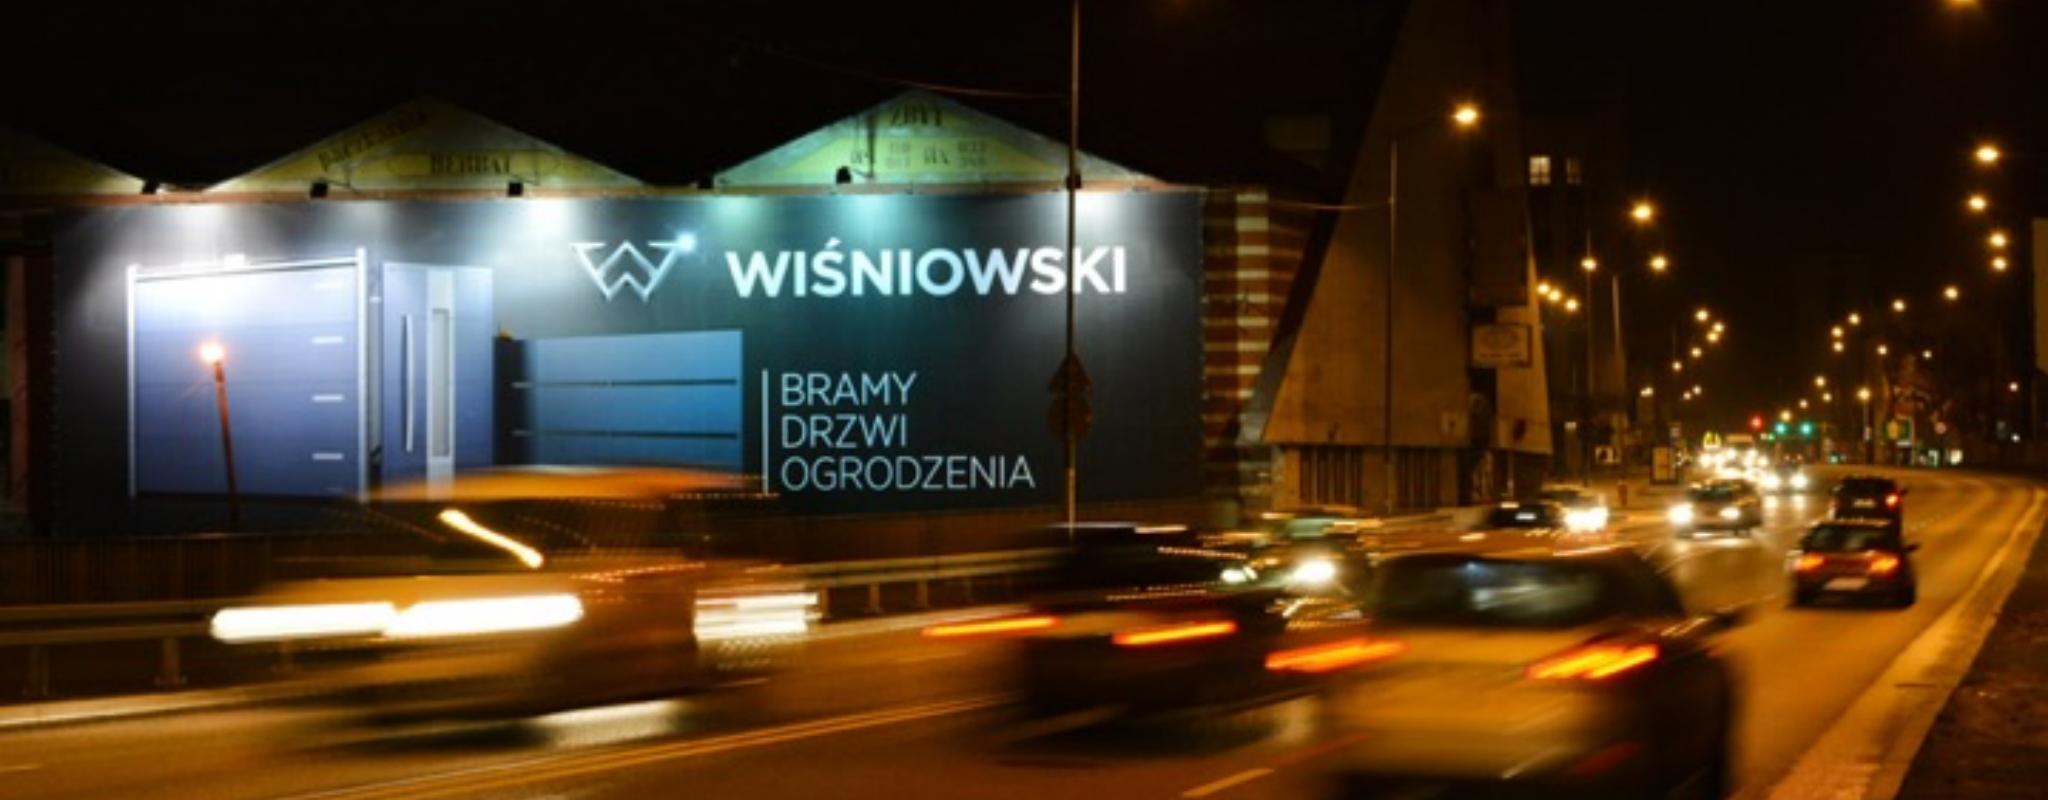 Reklama w Chorzowie